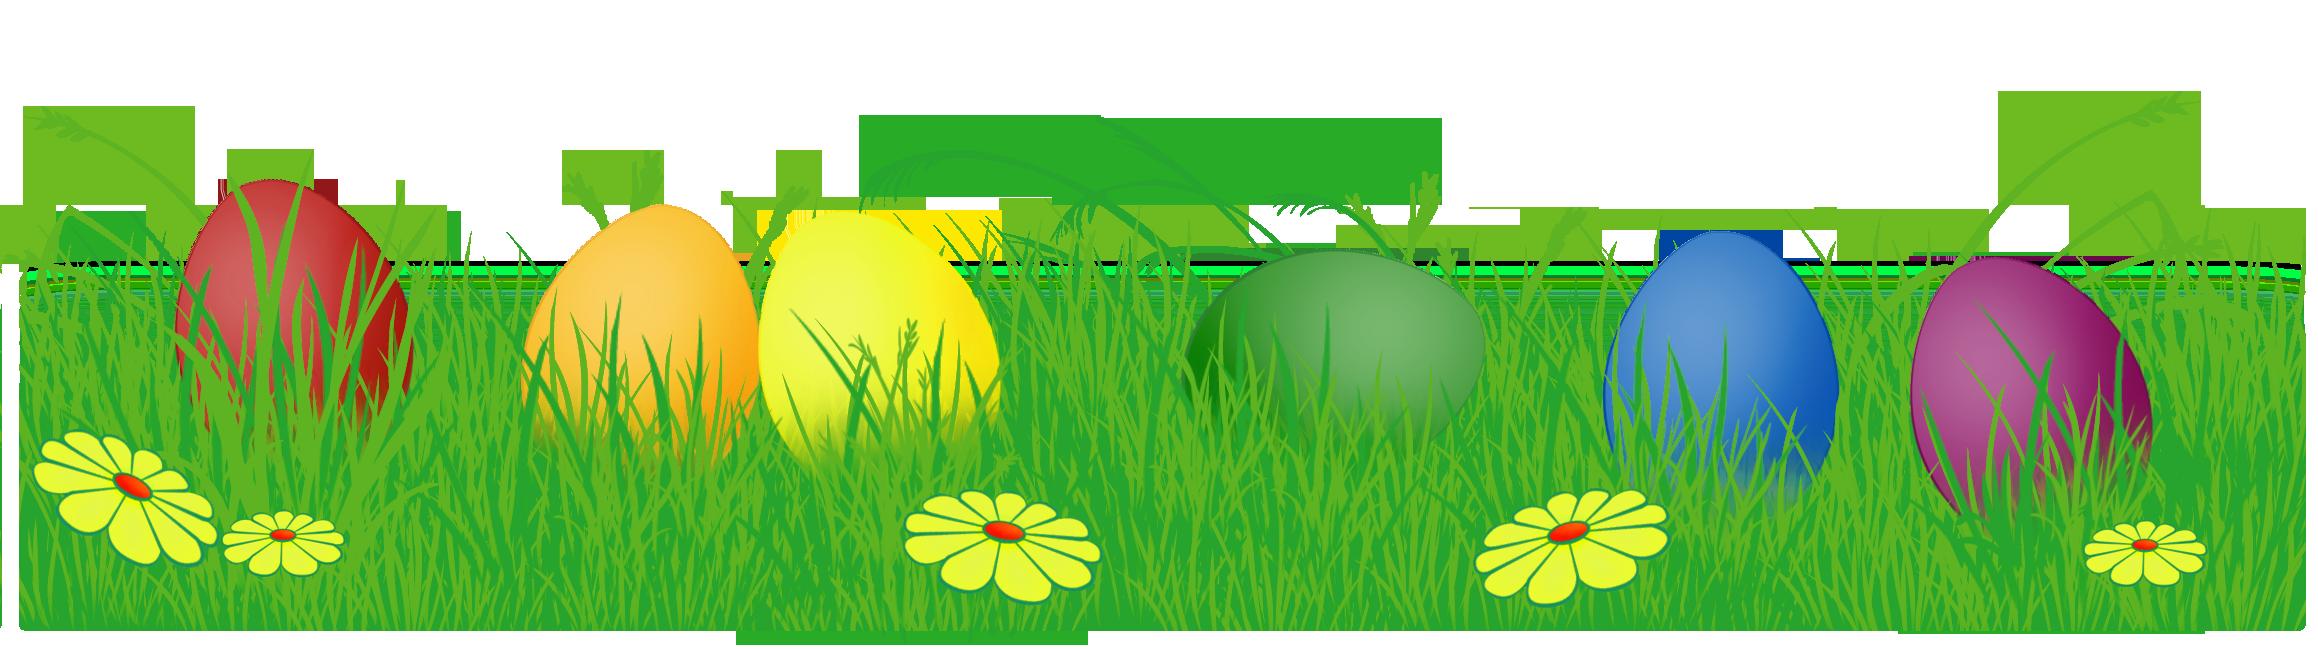 Easter egg hunt clipart border free easter bonnet clip art - Google Search | Easter | Pinterest | Easter ... free